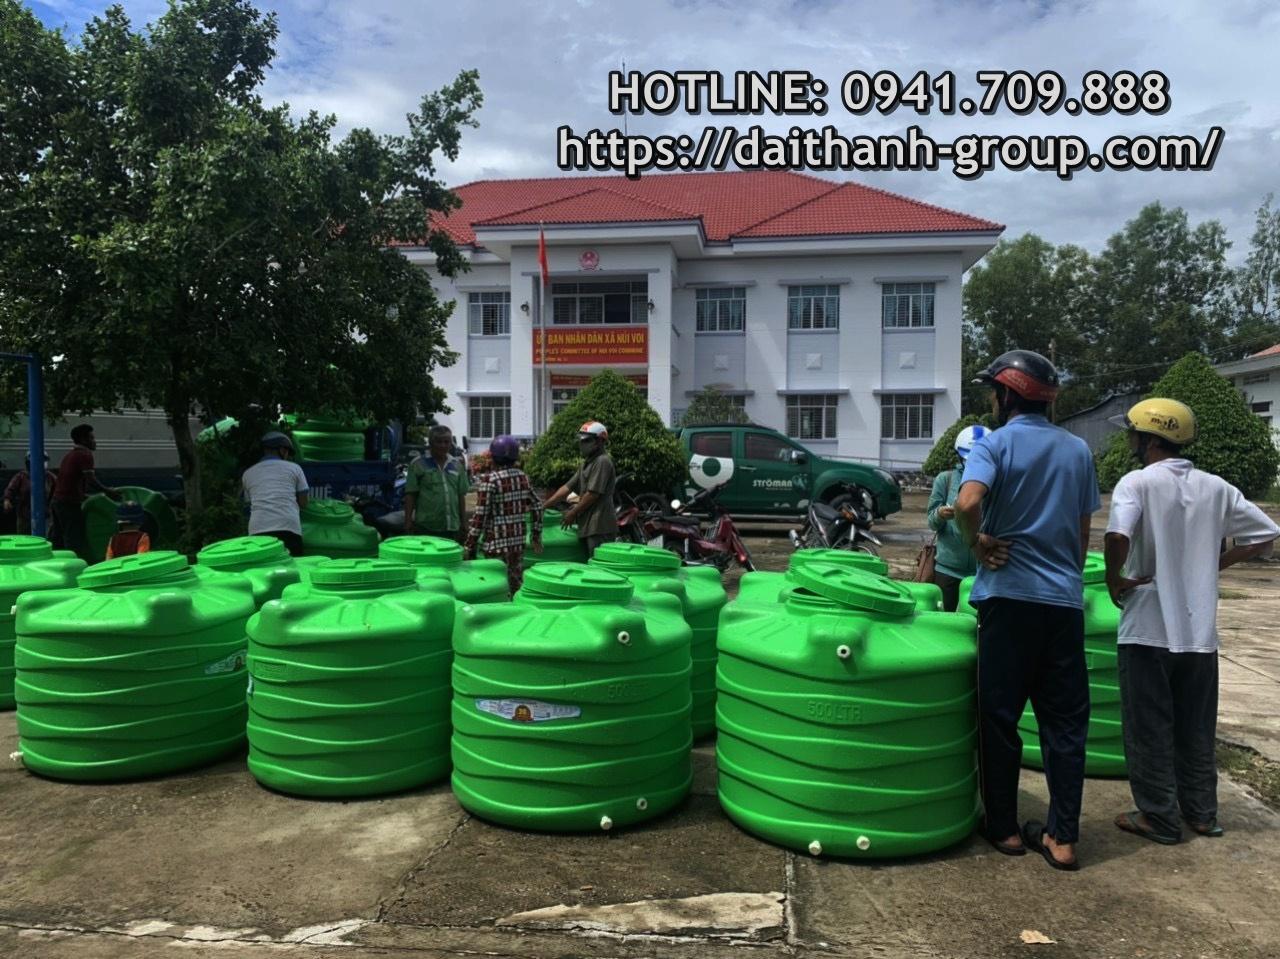 Những ưu điểm nổi bật của sản phẩm bồn nước nhựa Đại Thành